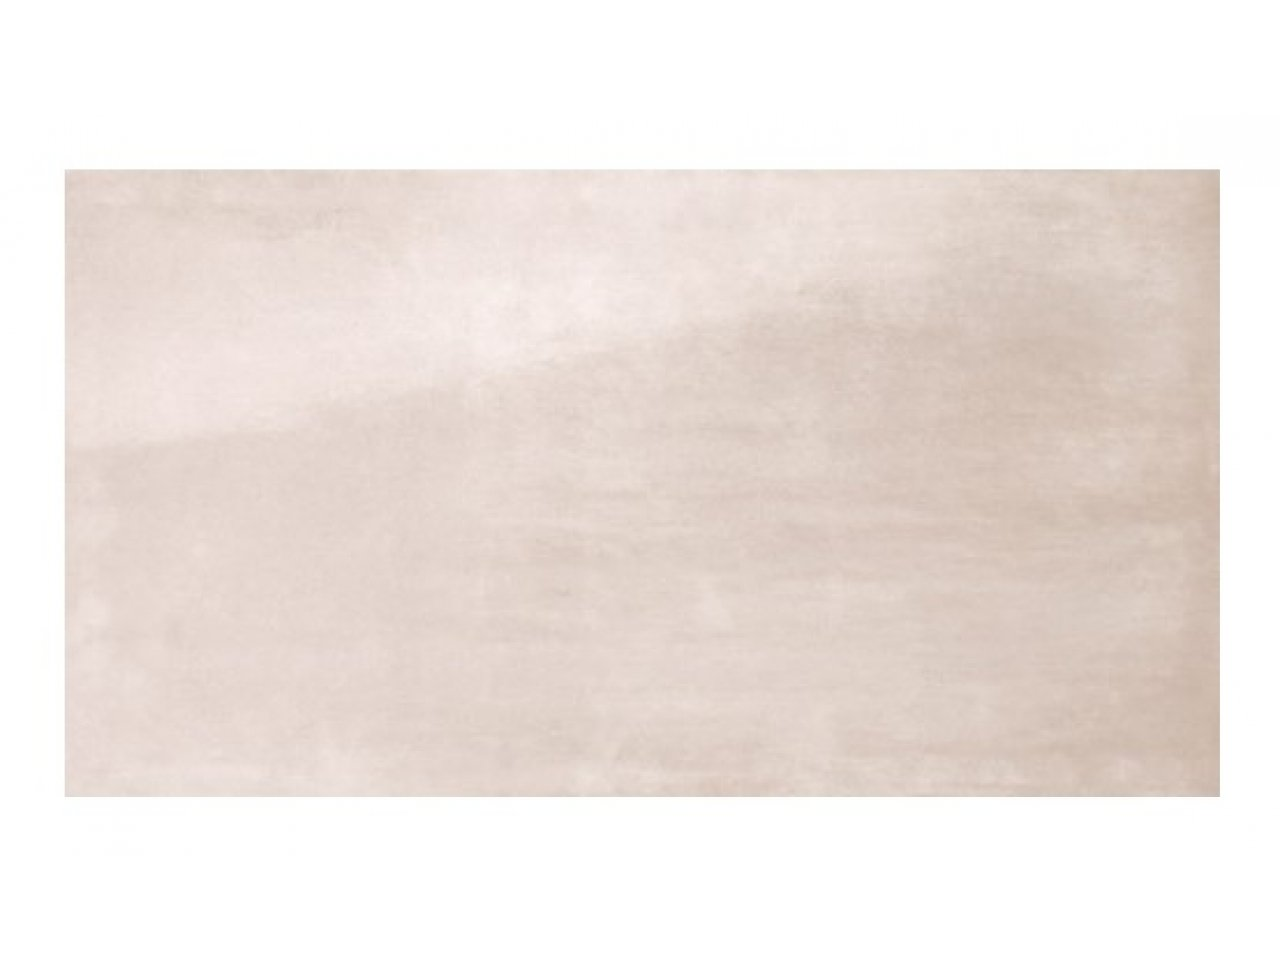 Настенная плитка FAP Frame Talc 30.5 x 56 см, Арт. fLEF